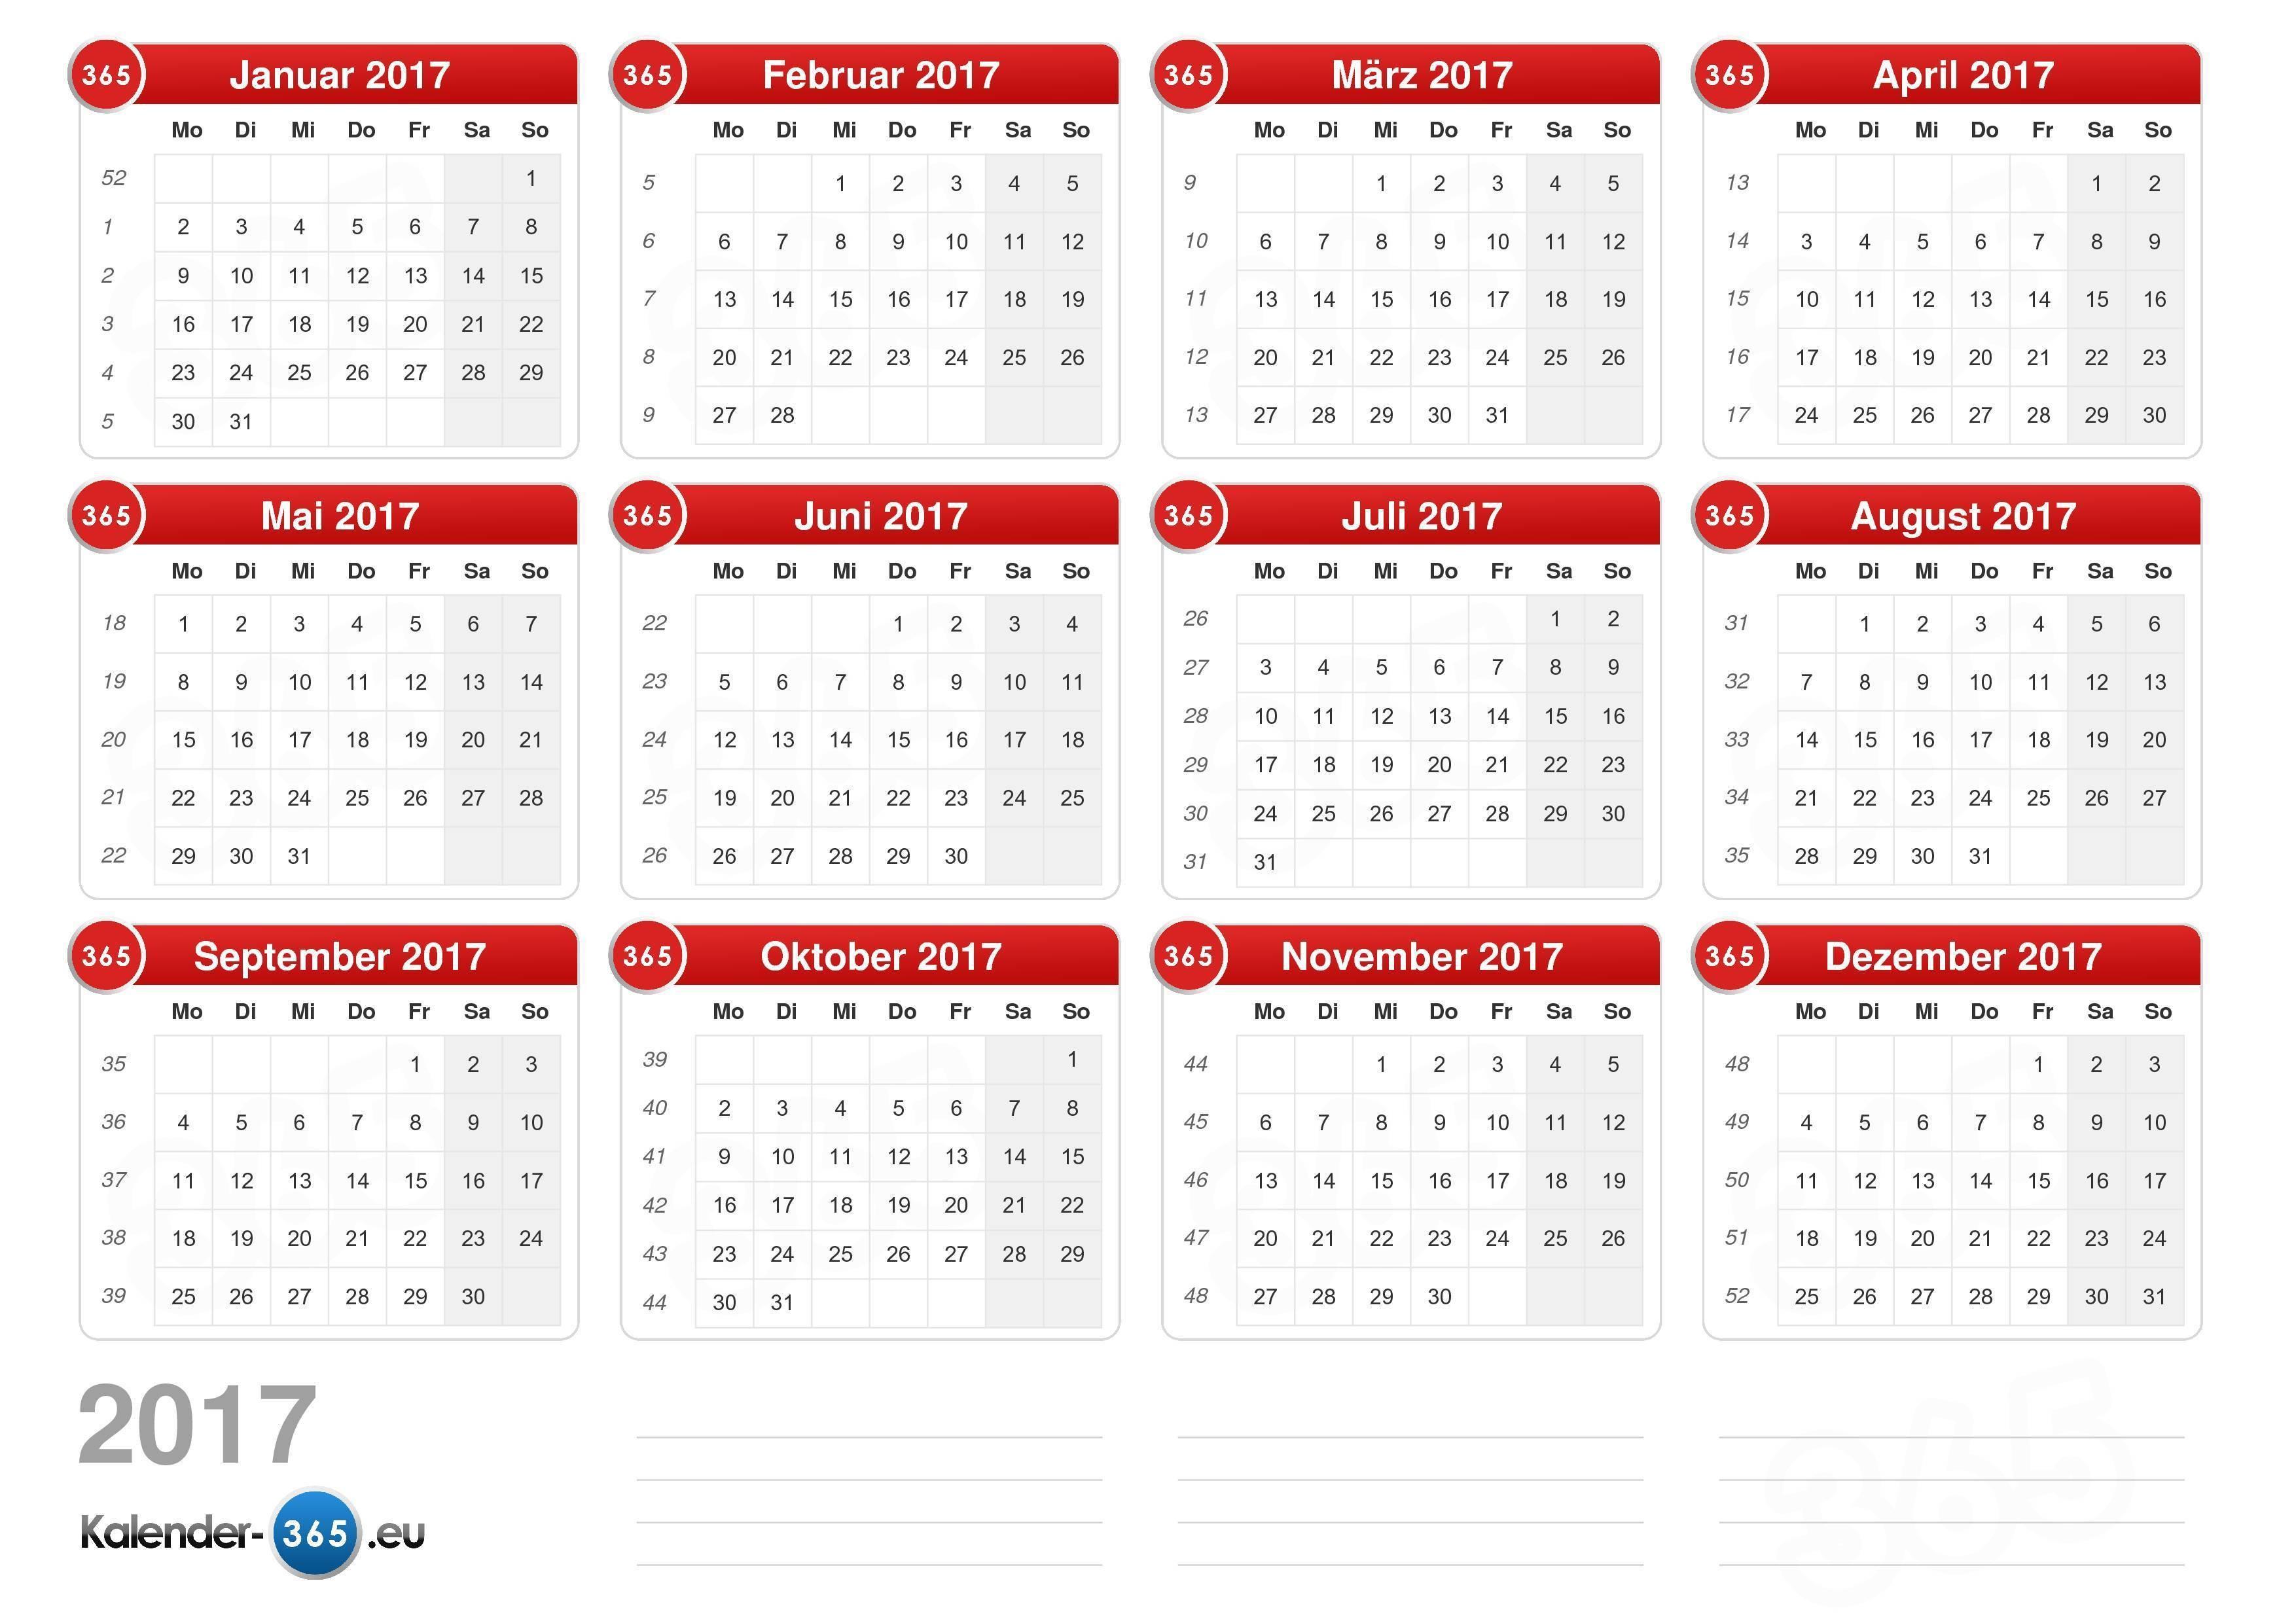 Calendario 2019 Brasil.com.br Más Caliente Kalender Zum Ausdrucken Und Bearbeiten